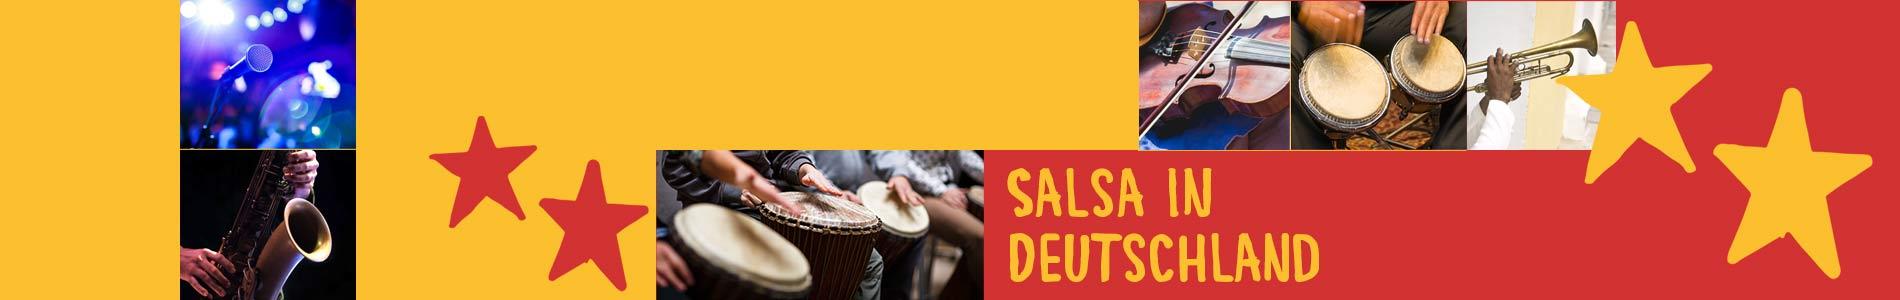 Salsa in Breitenbrunn – Salsa lernen und tanzen, Tanzkurse, Partys, Veranstaltungen